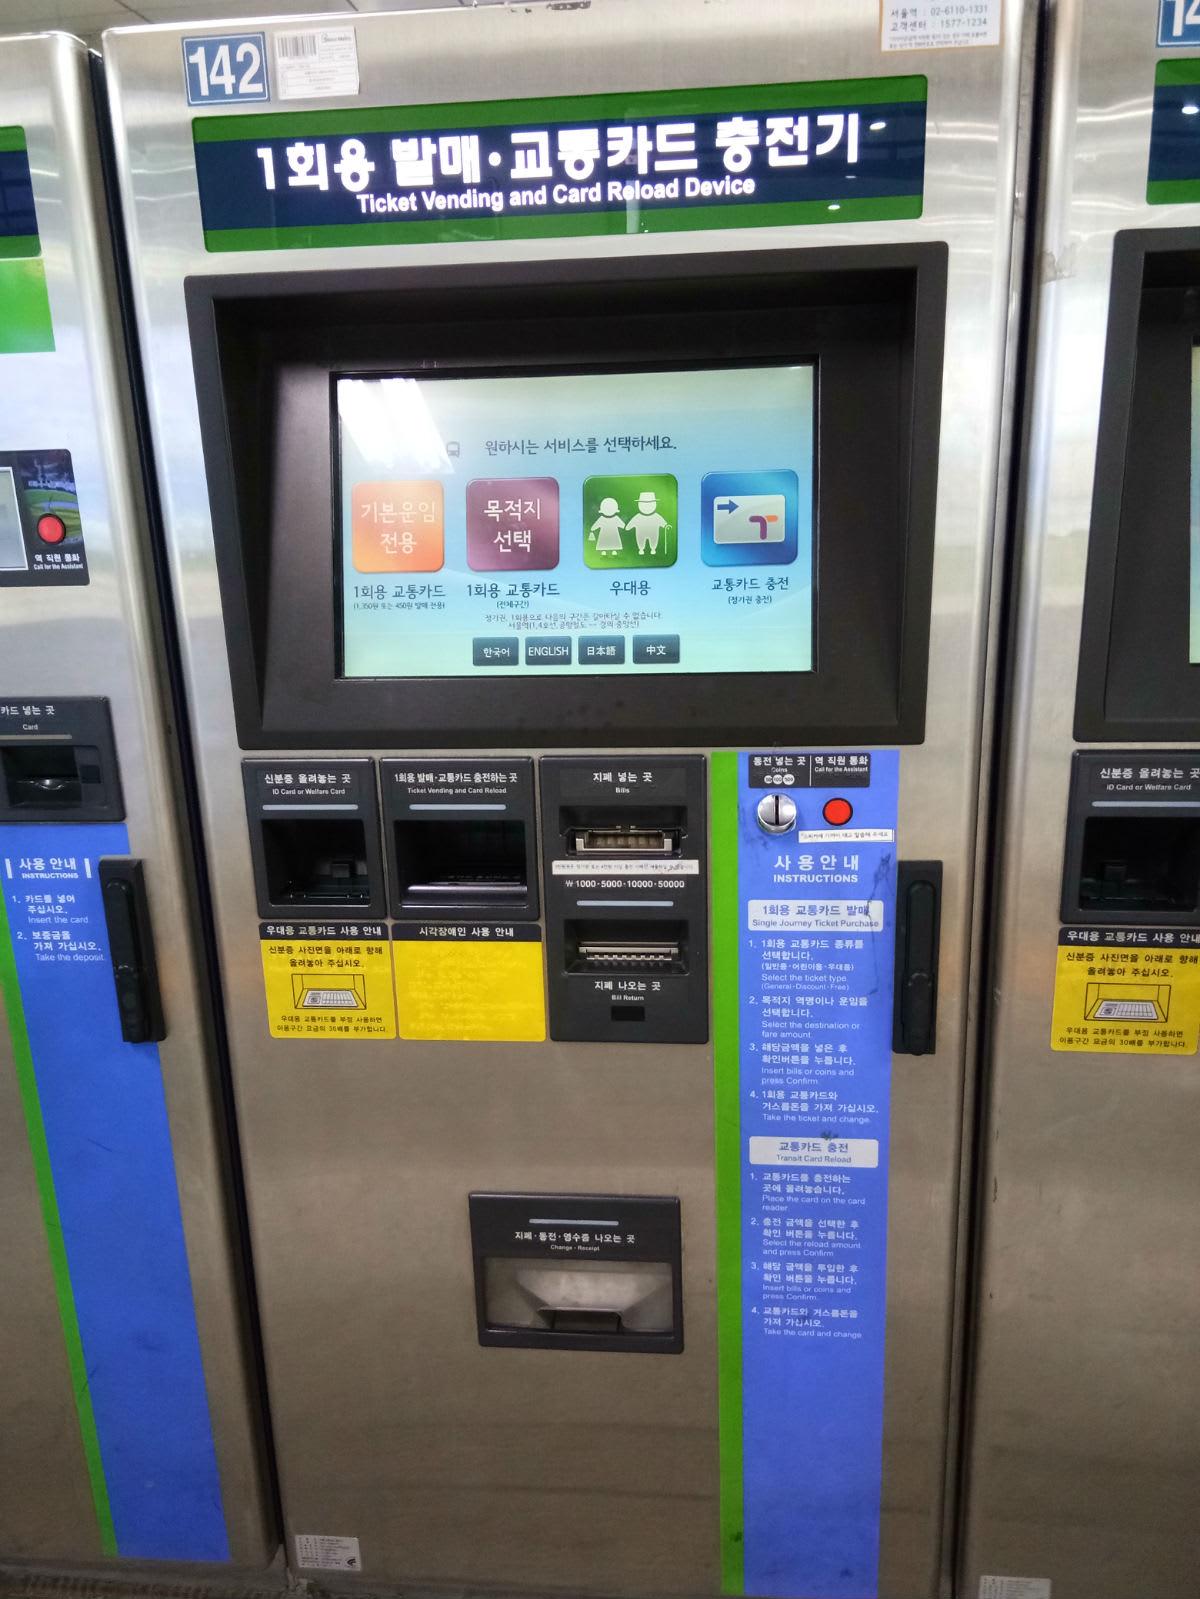 máy nạp tiền cho thẻ giao thông T-money trong chuyến du lịch tự túc hàn quốc